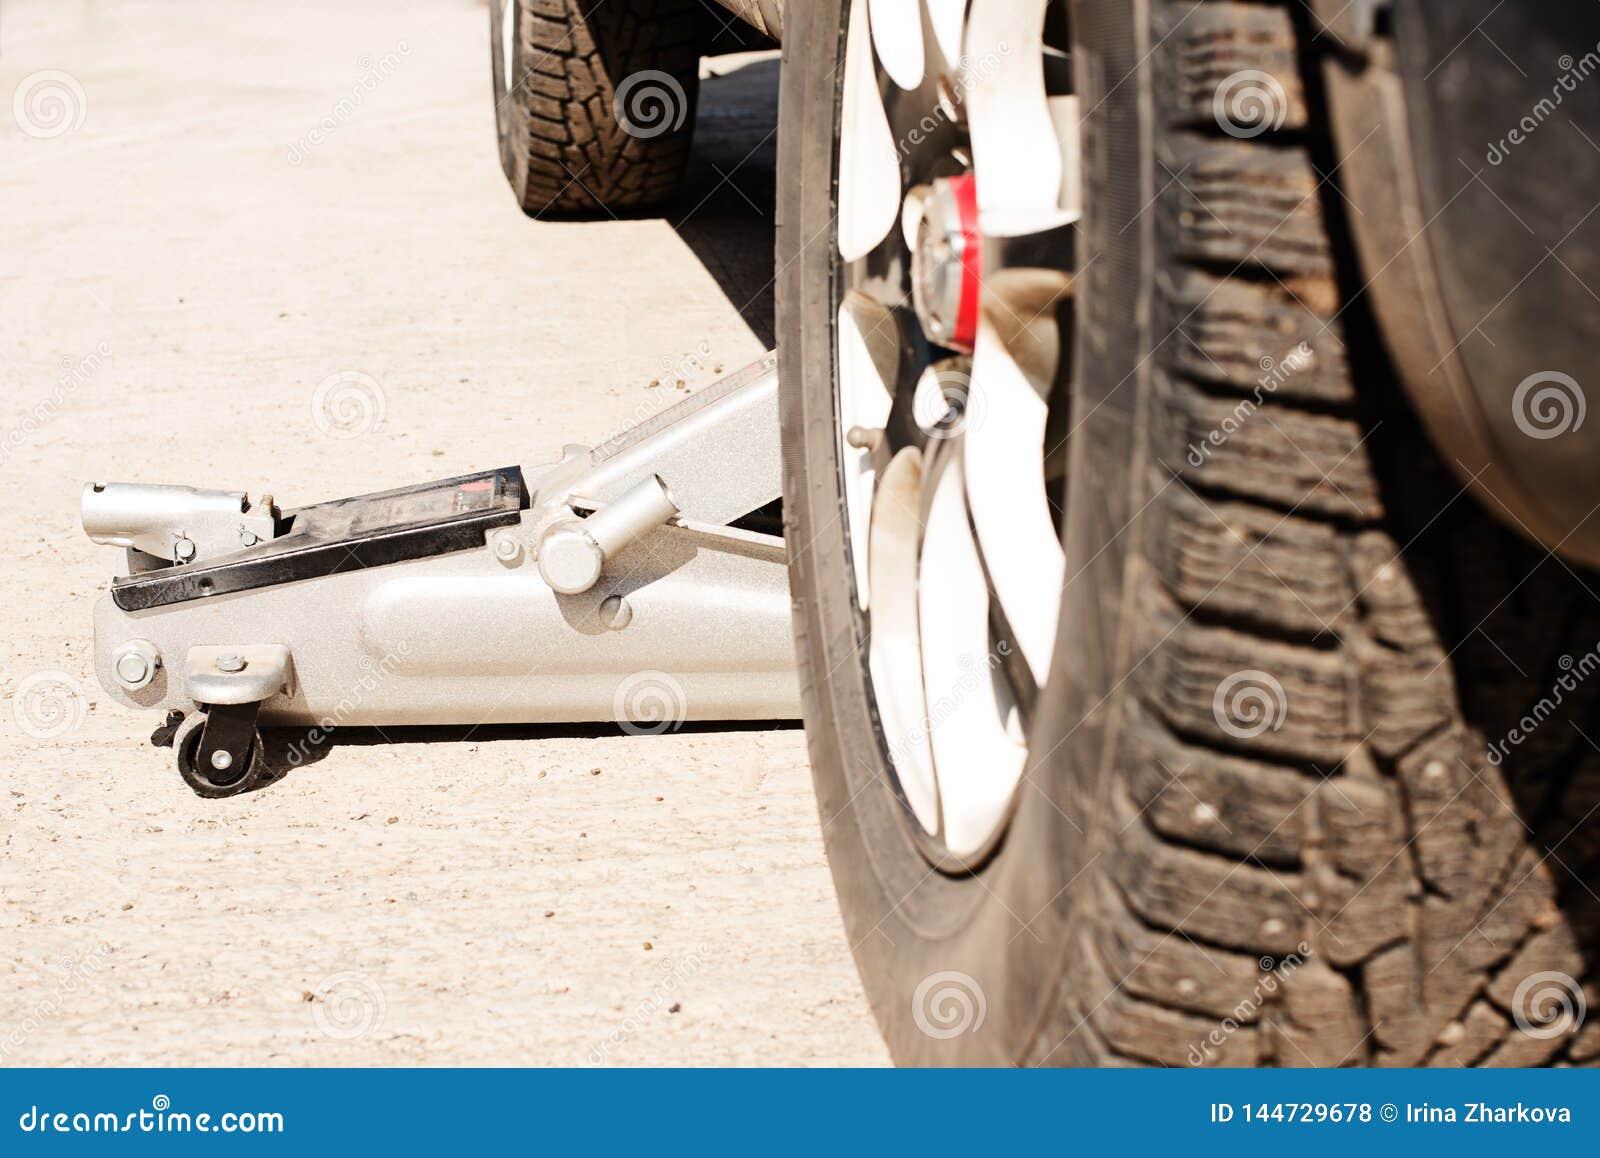 Pneus de carro com pontos e sujeira do inverno substituição das rodas antes da estação nova,